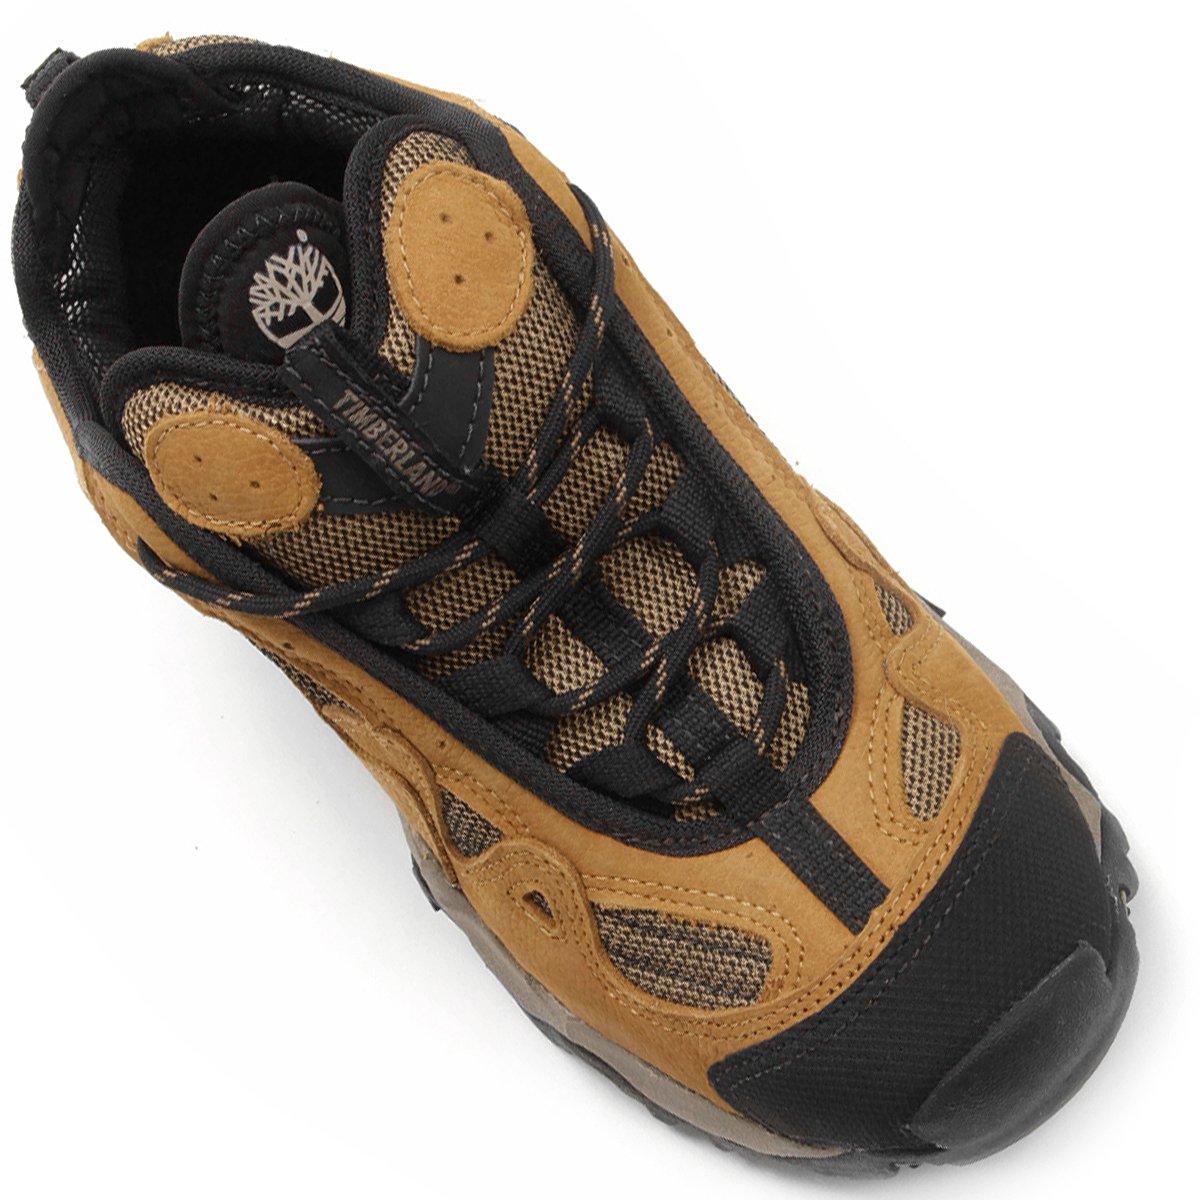 Tênis Timberland Gorge C2 - Compre Agora  c301b3e1923b2